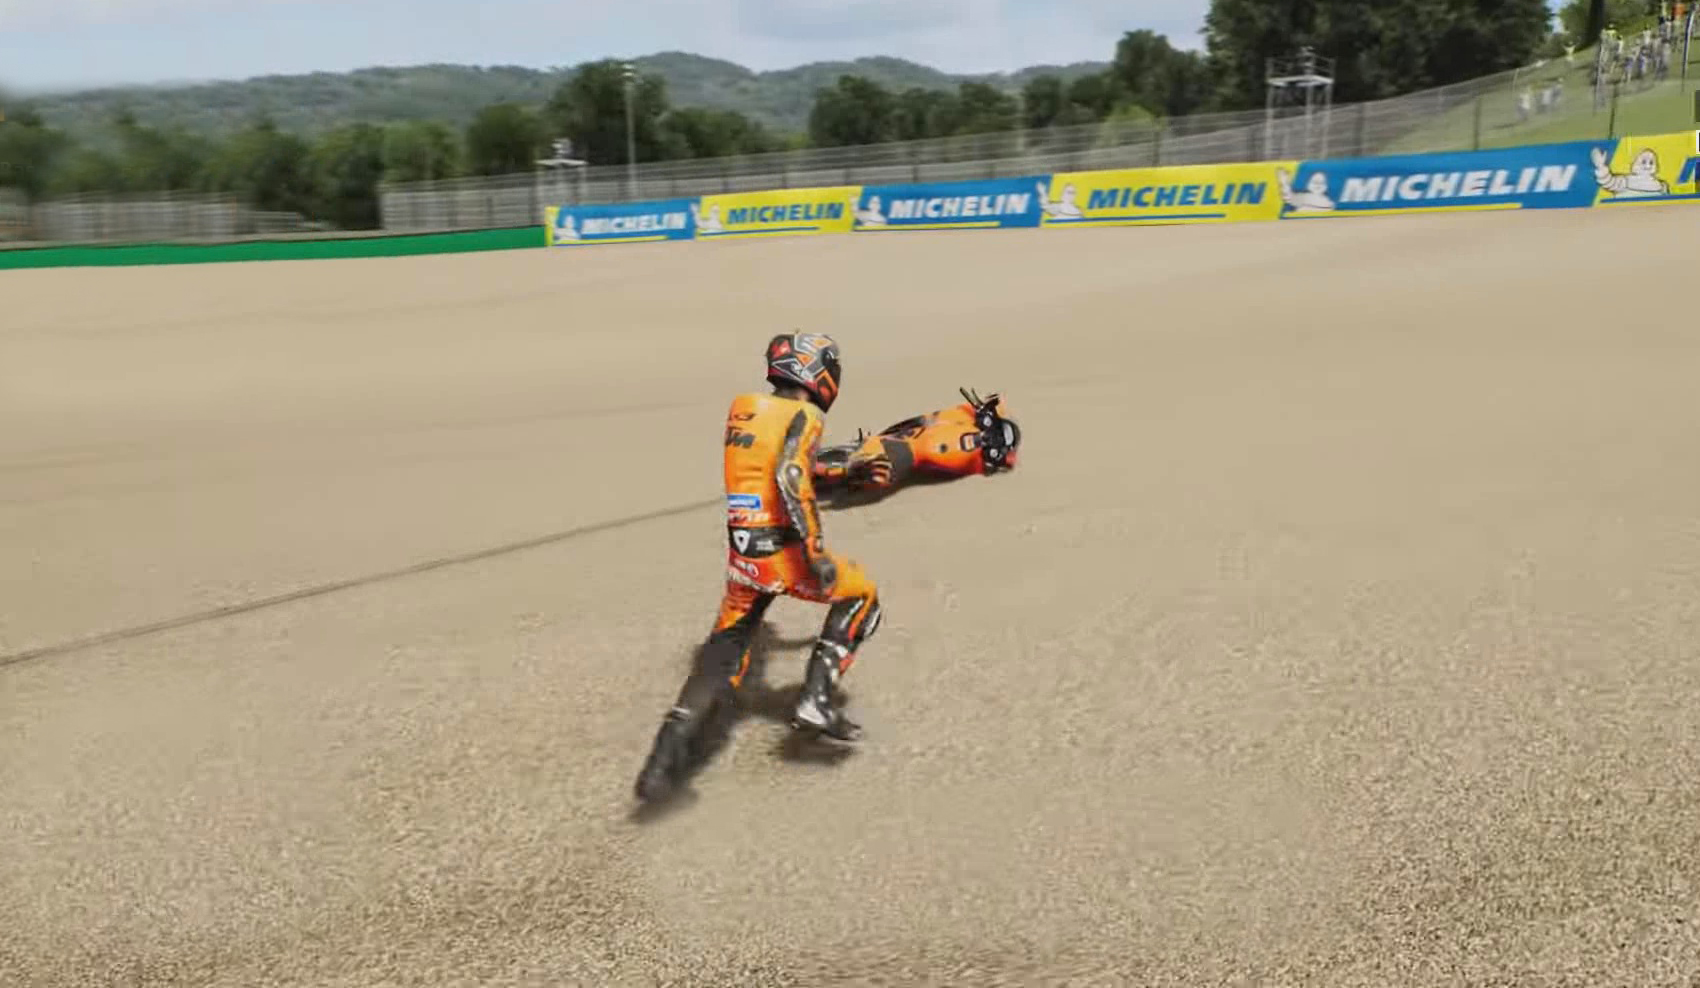 MotoGP 21 Trailer Shows Off Bike Retrieval